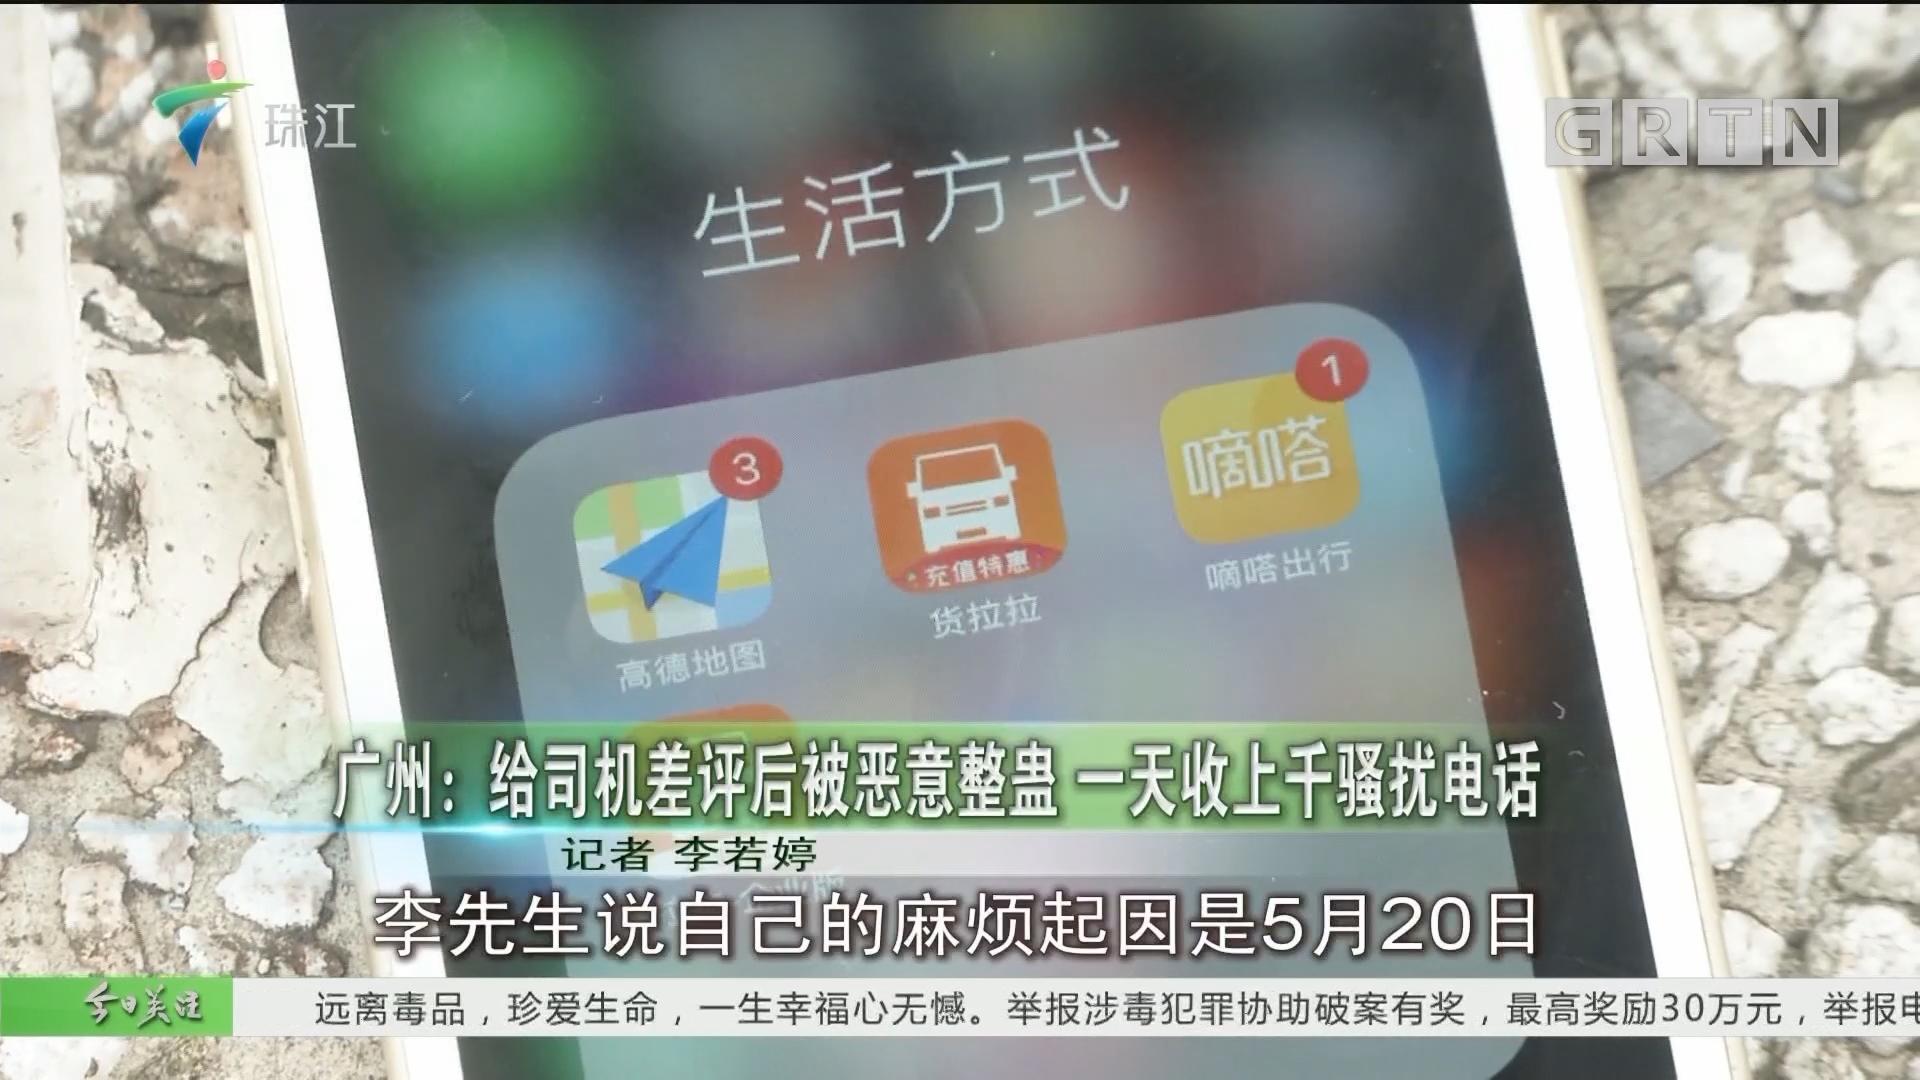 广州:给司机差评后被恶意整蛊 一天收上千骚扰电话